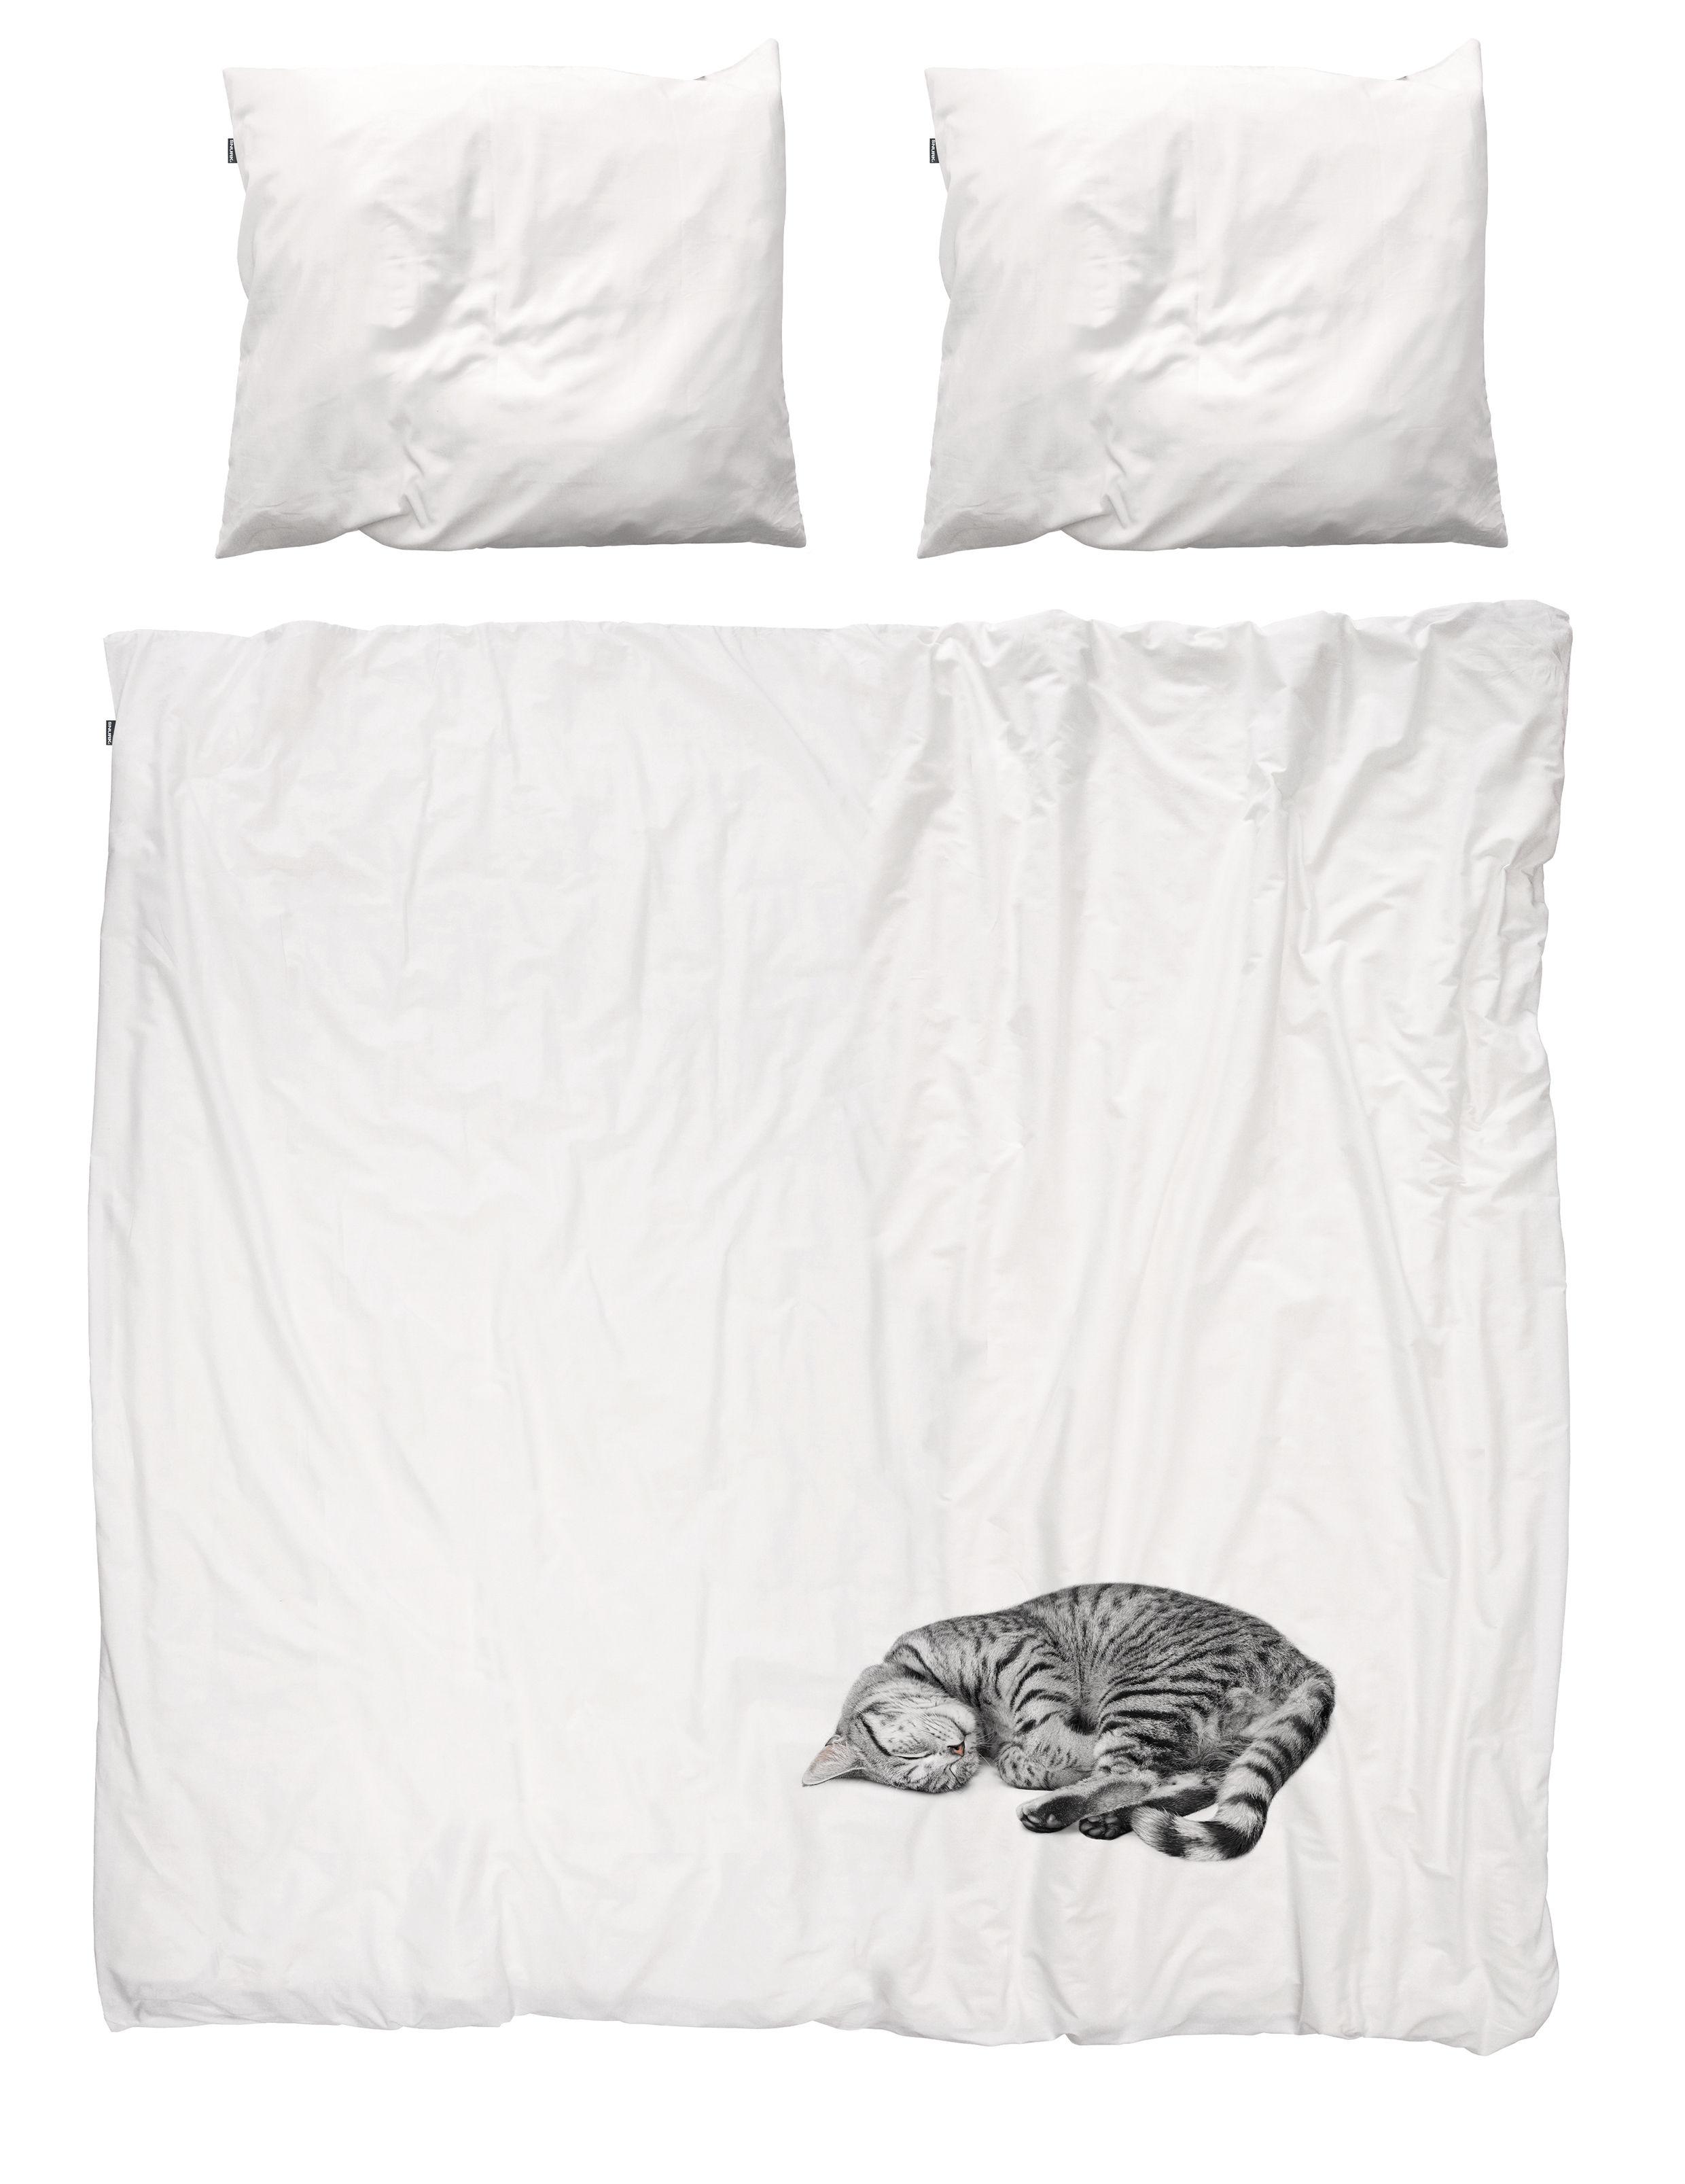 Dekoration - Für Kinder - Ollie Bettwäsche-Set für 2 Personen / für 2 Personen - 240 x 220 cm - Snurk - Katze: grau - Percale de coton